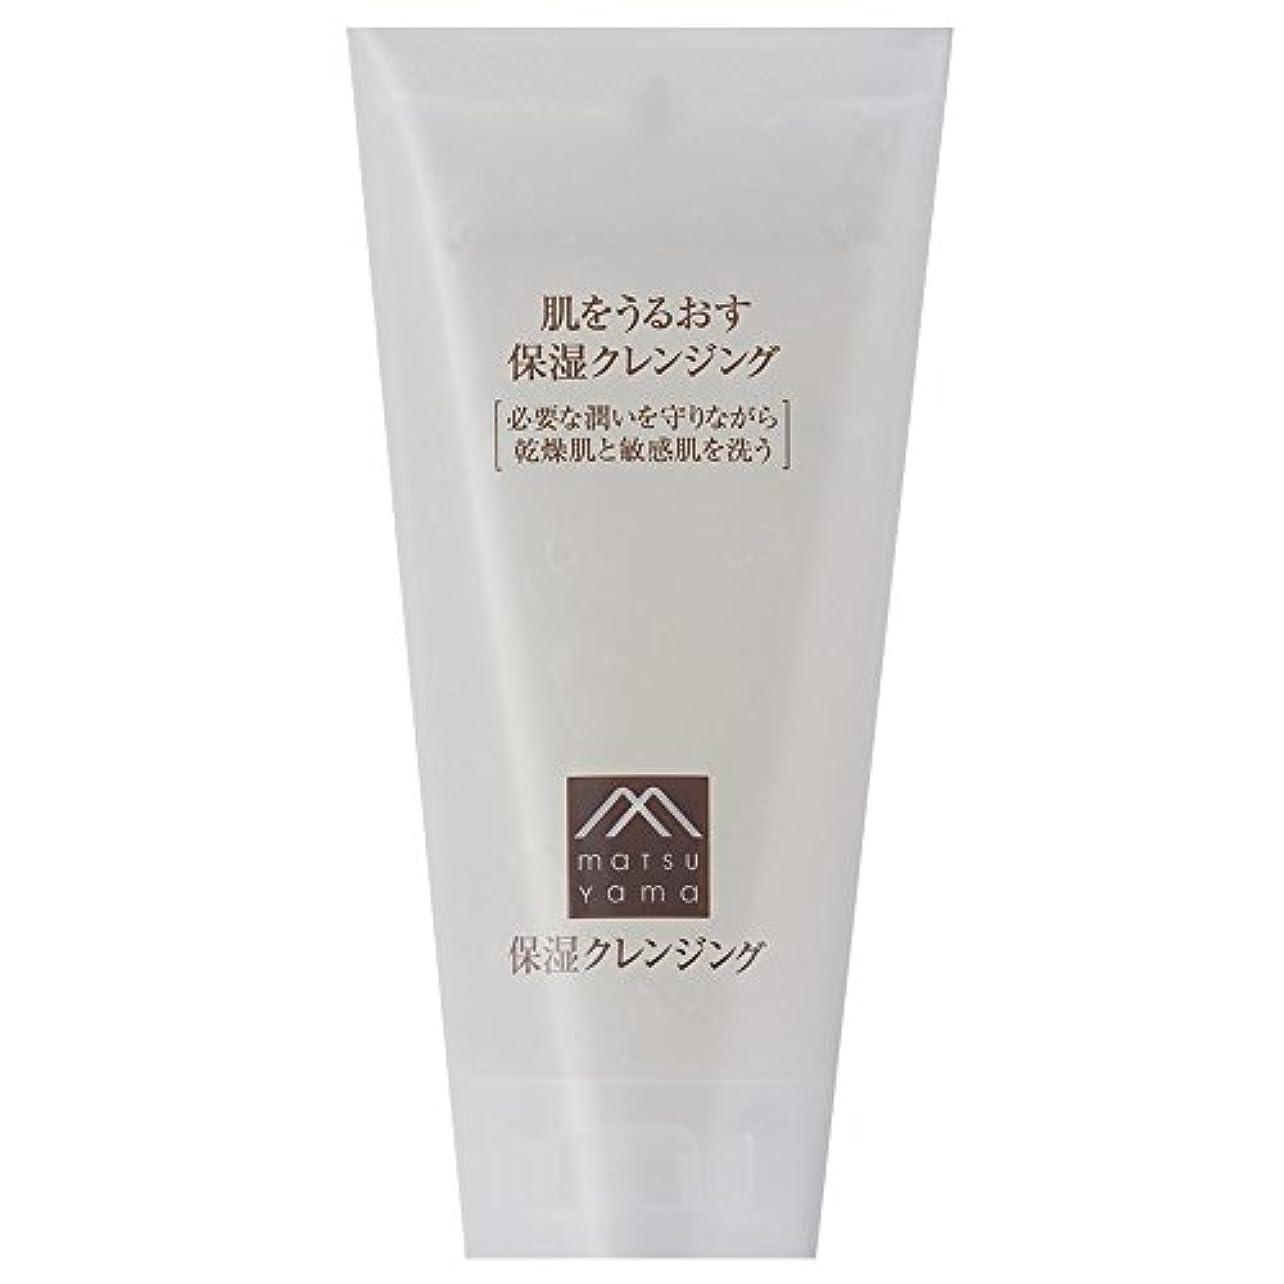 浴室プロテスタント雑種肌をうるおす保湿クレンジング(メイク落とし) 保湿 乾燥肌 敏感肌